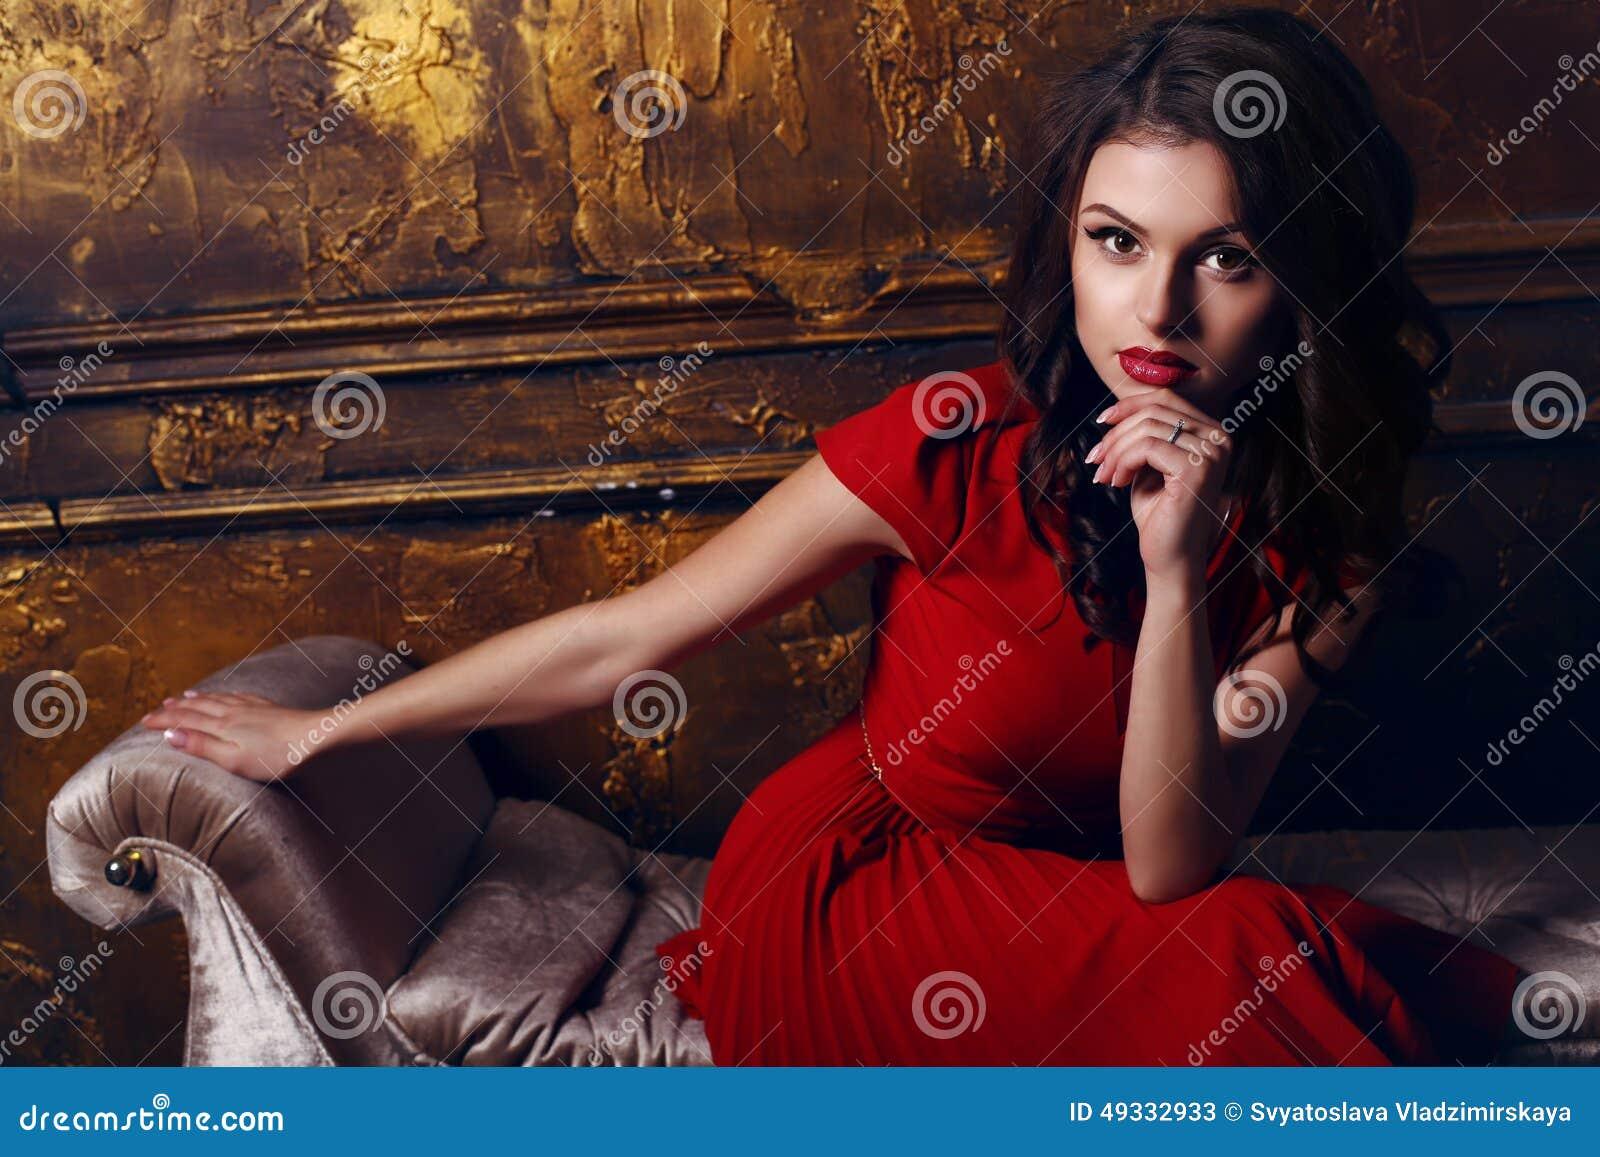 Фото девушка снимает красное платье